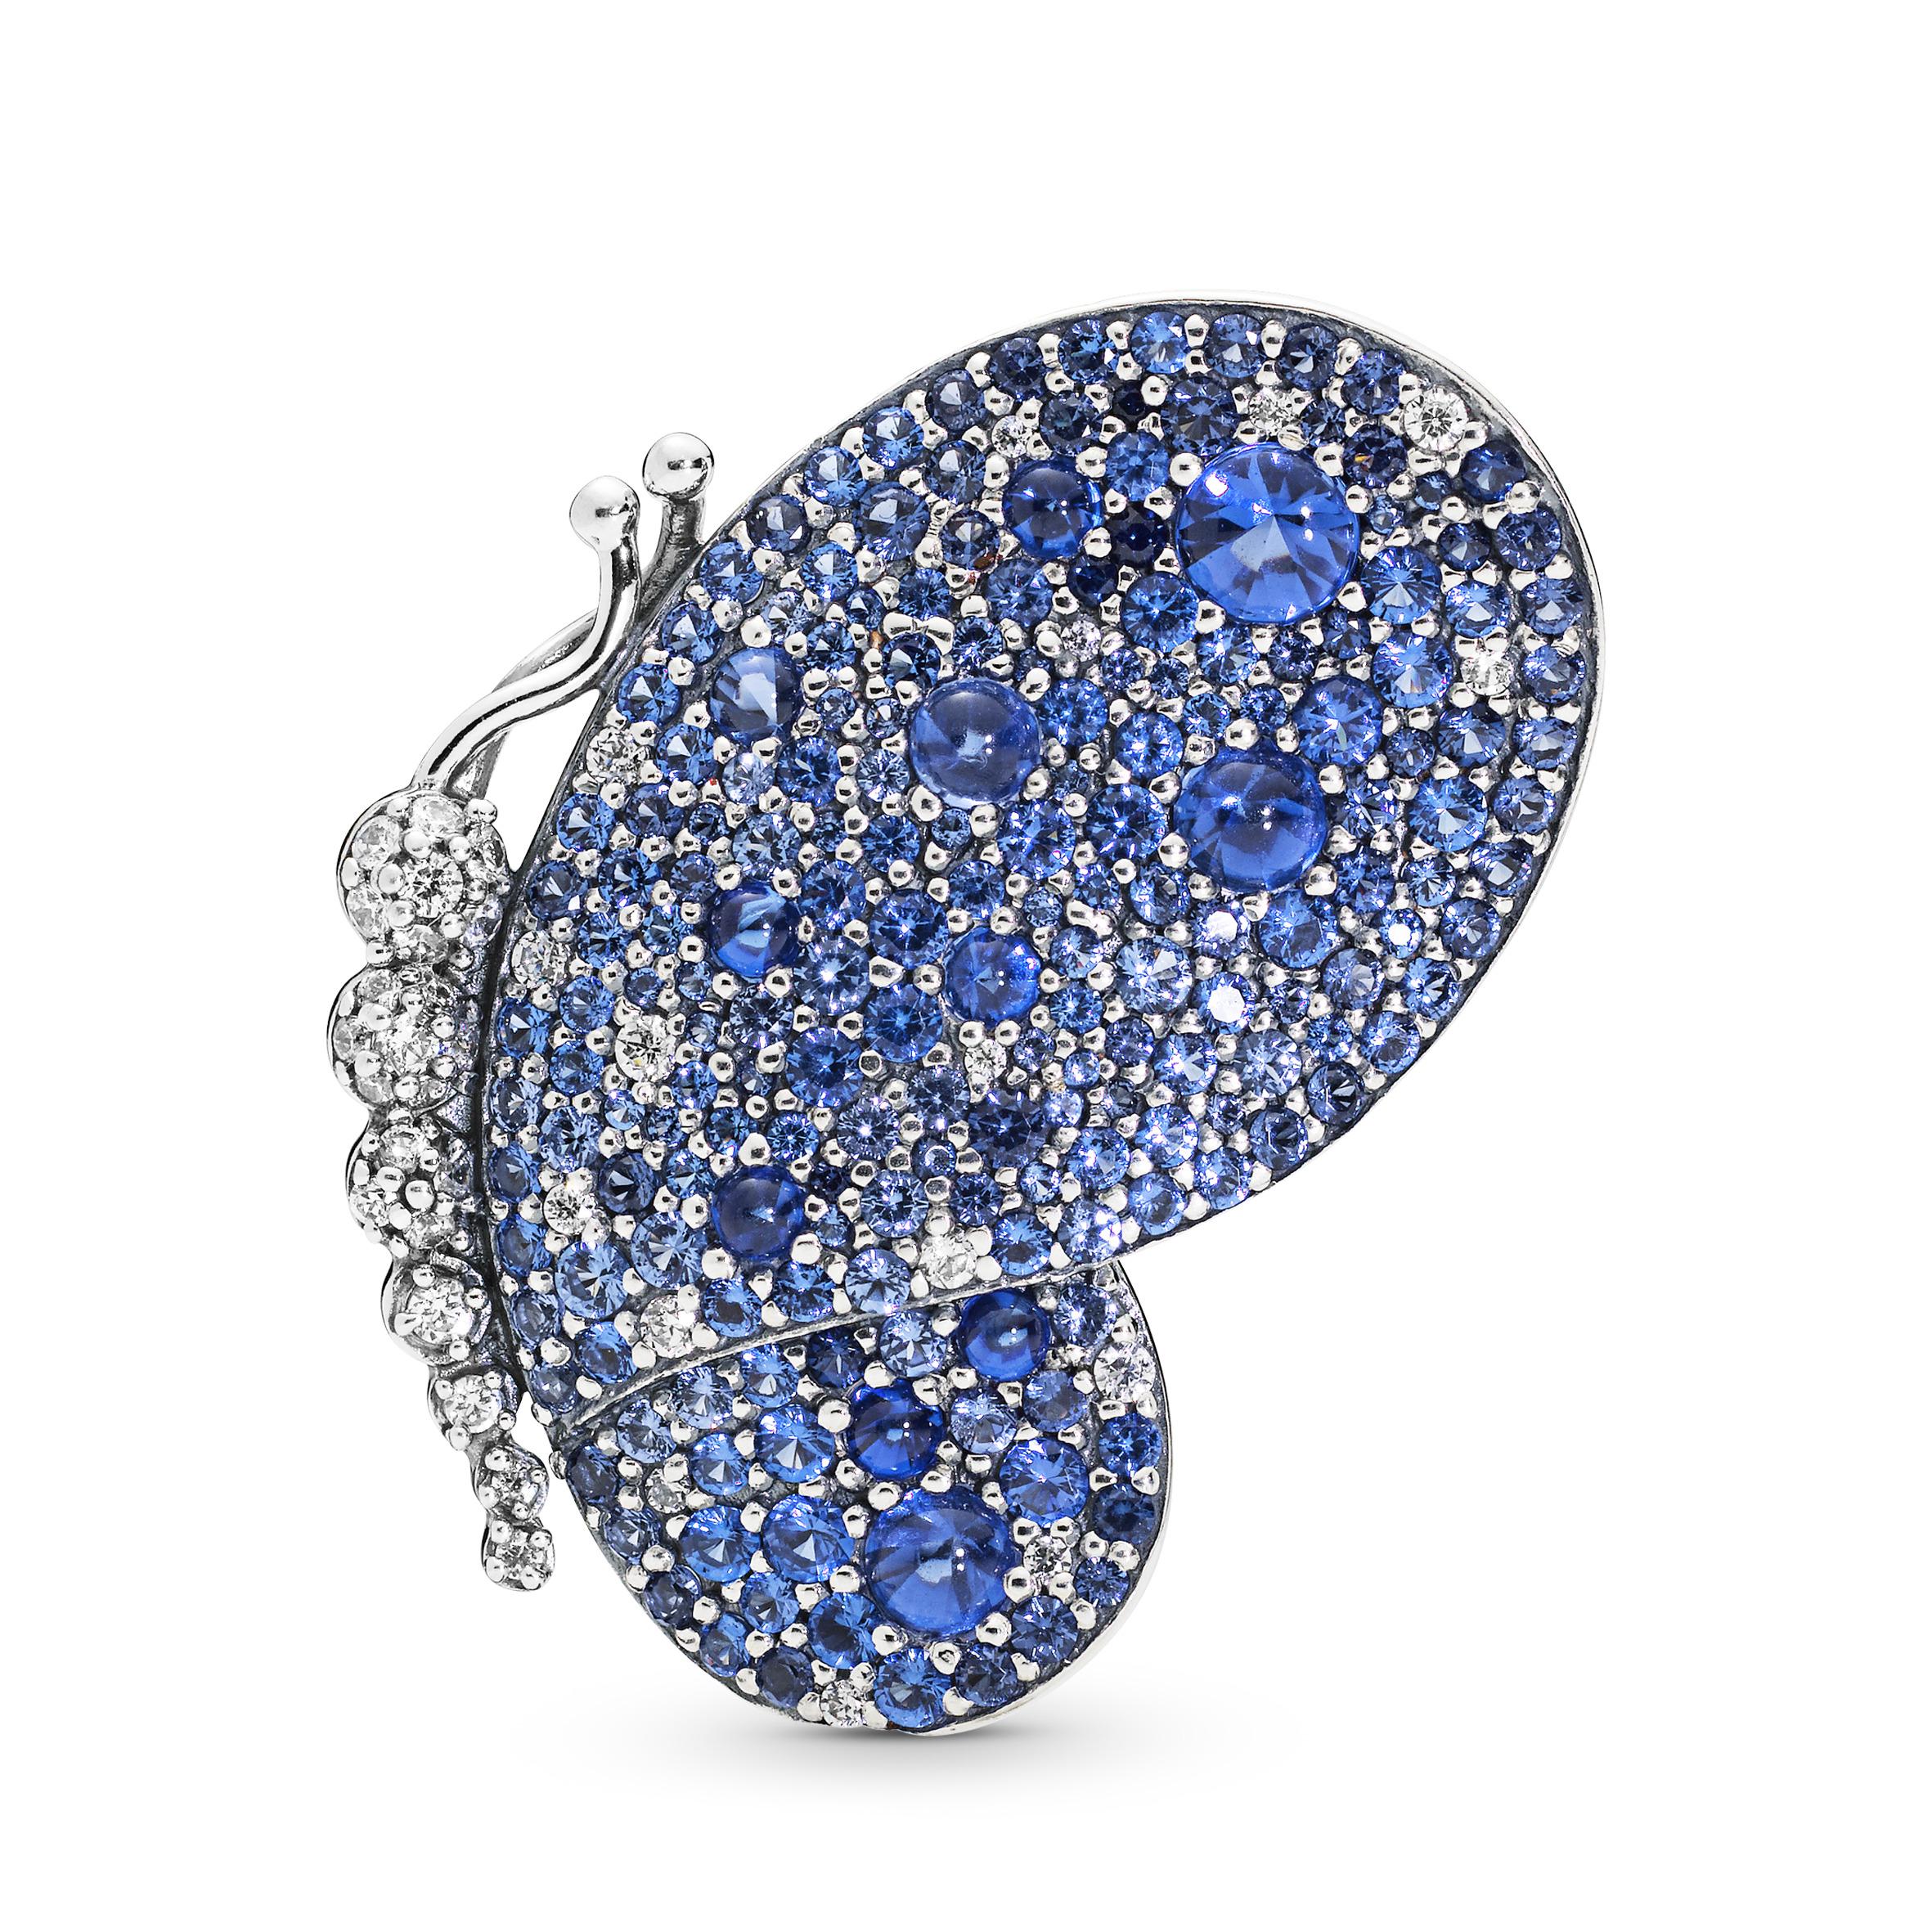 Pandora Presenta Su Nueva Colección De Joyas Inspiradas En La Naturaleza Qué Monet